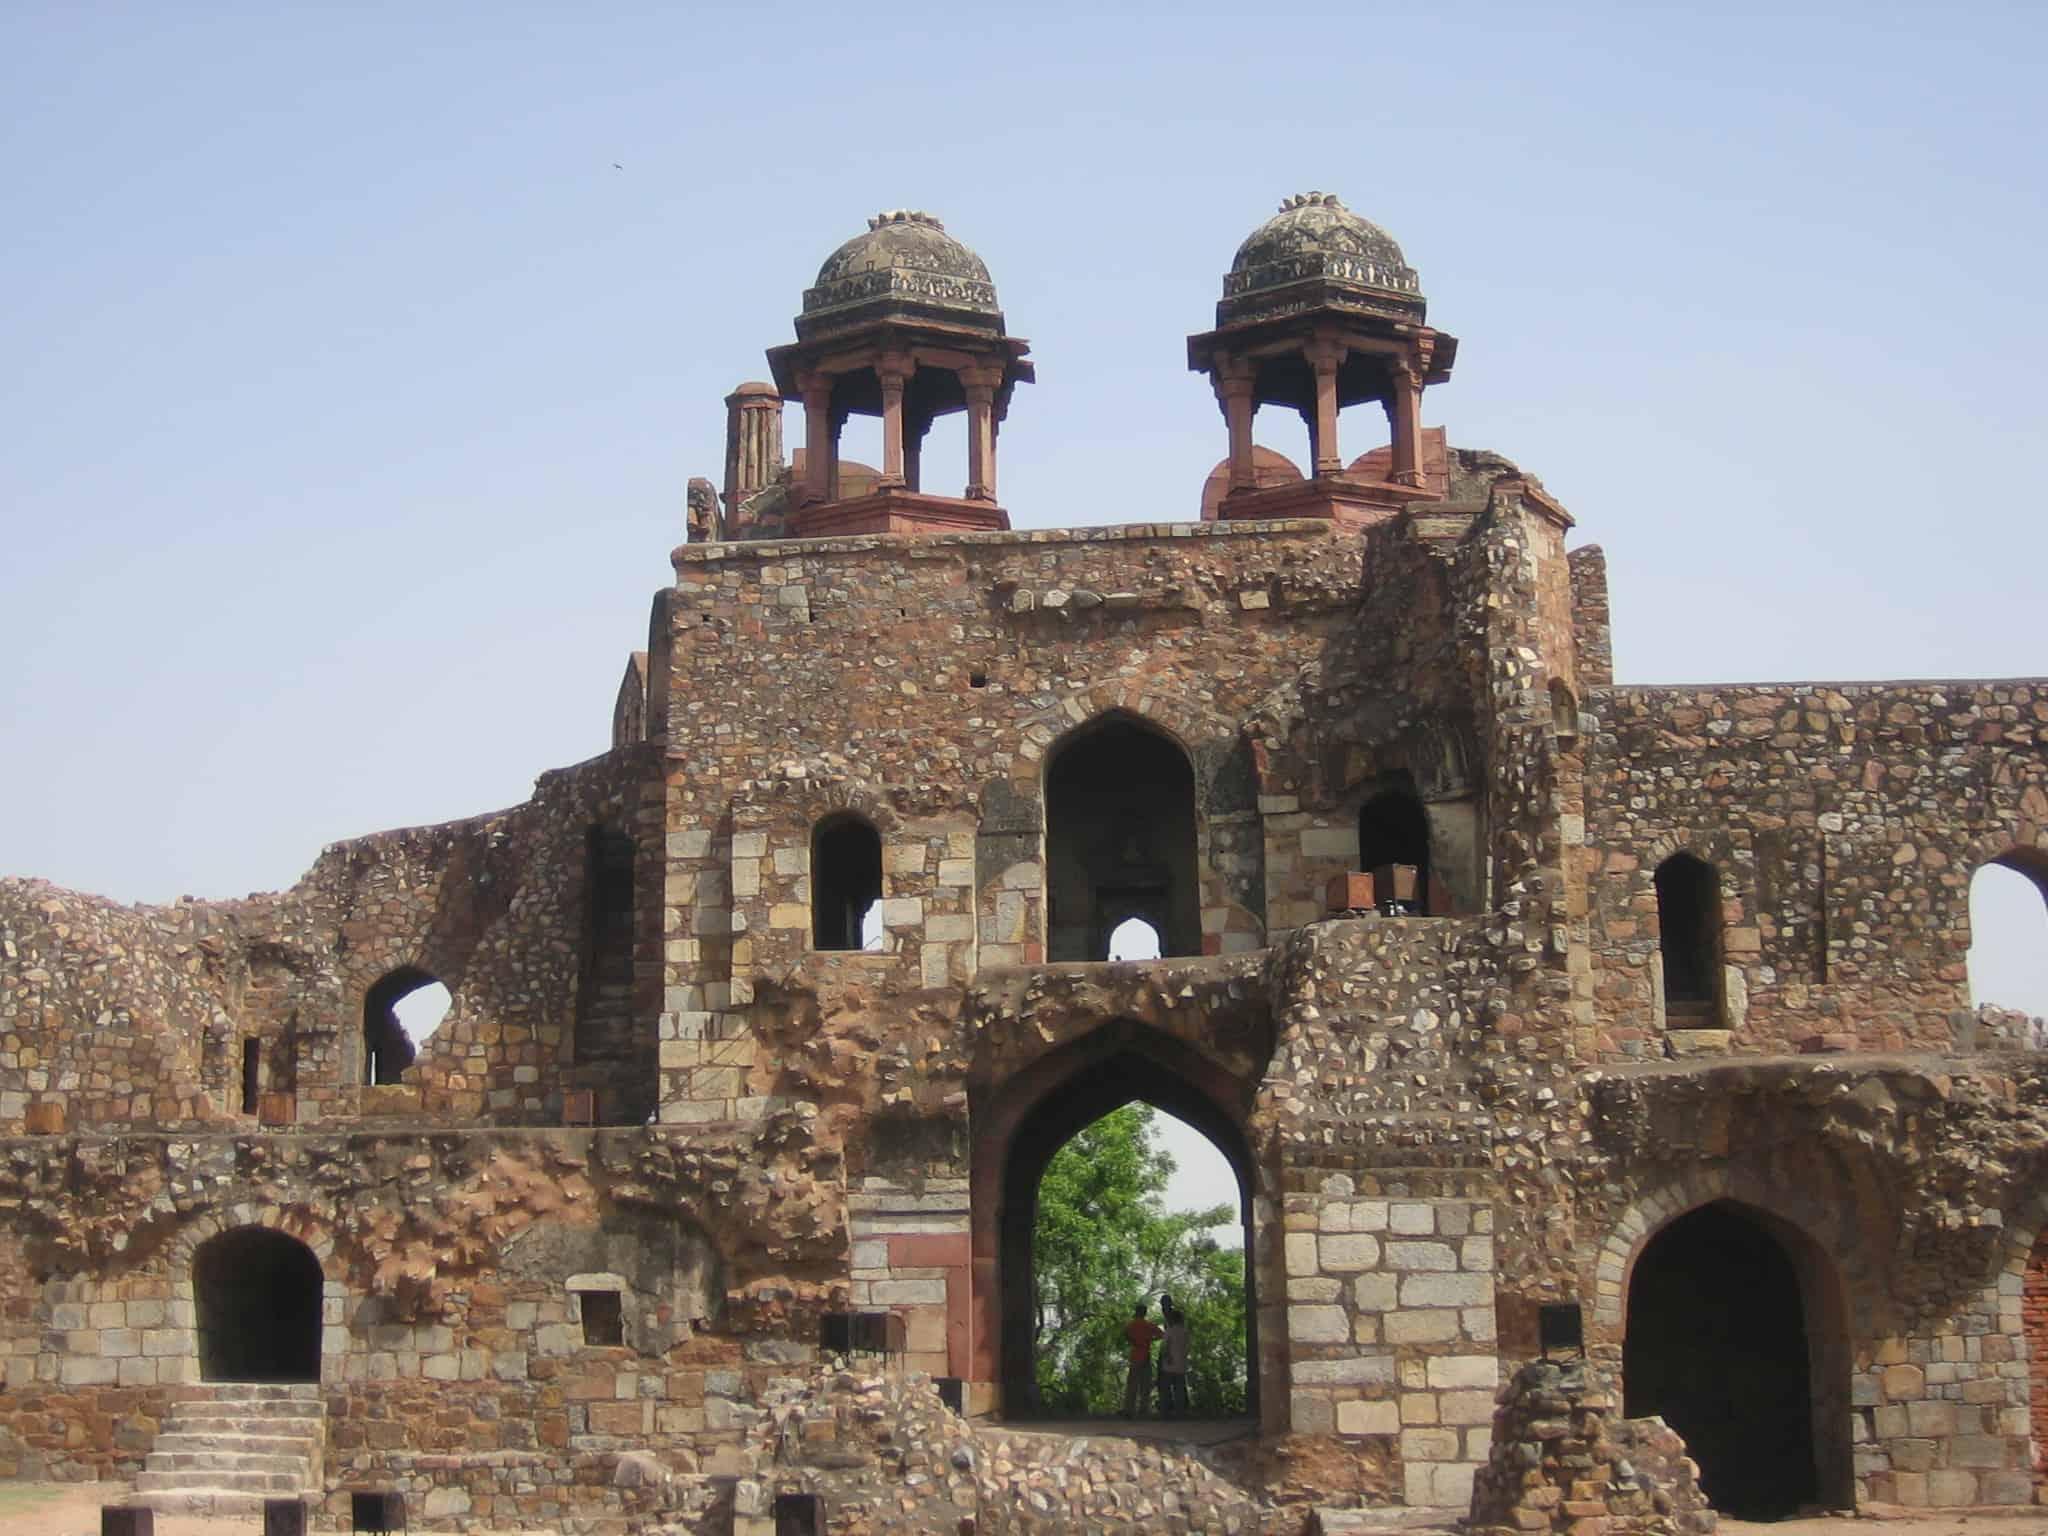 Rohtas Fort Jhelum Pic 3